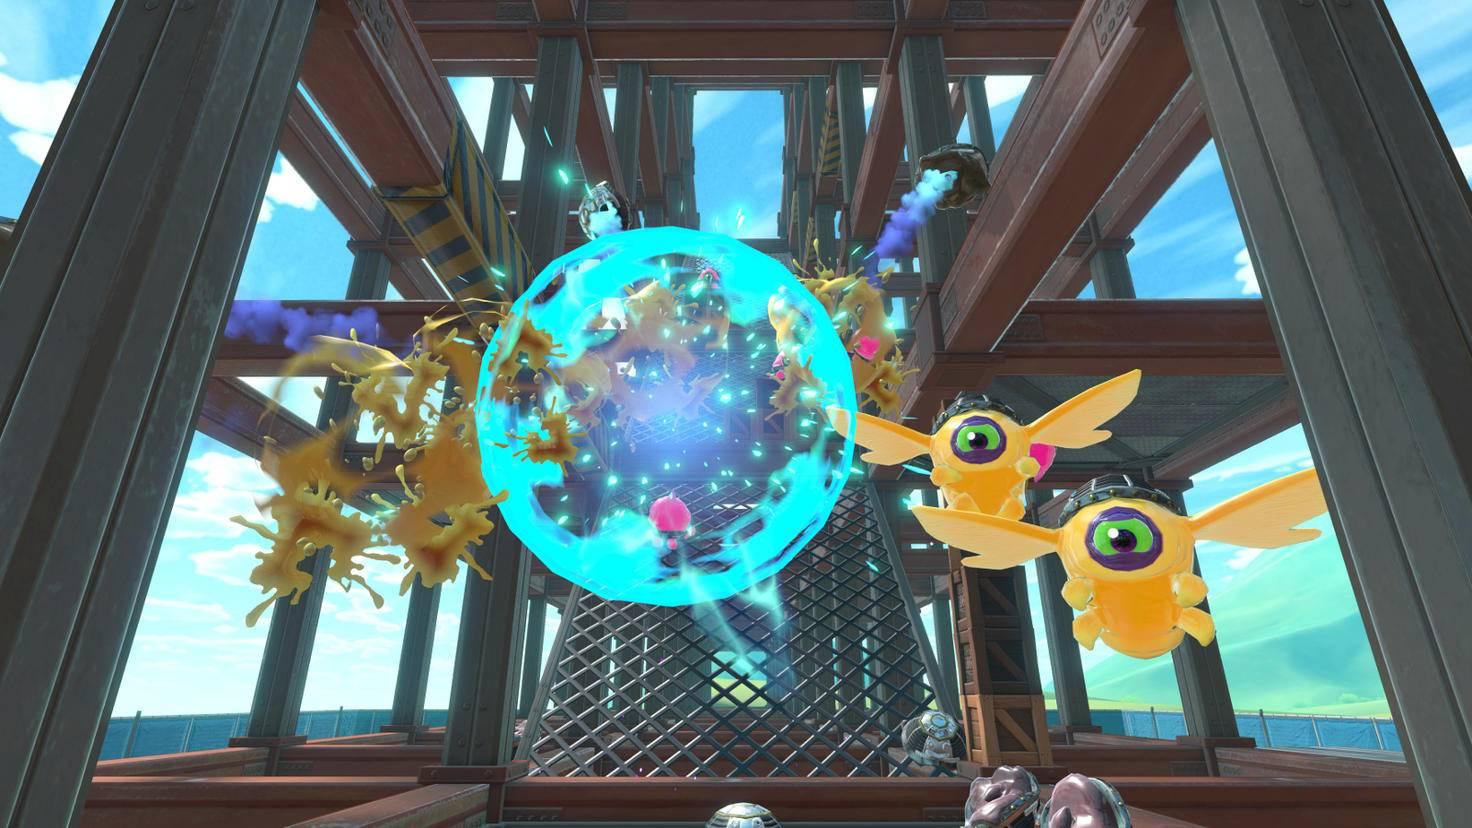 Die Alienjagd in VR ist nur was für kurze Spielrunden.